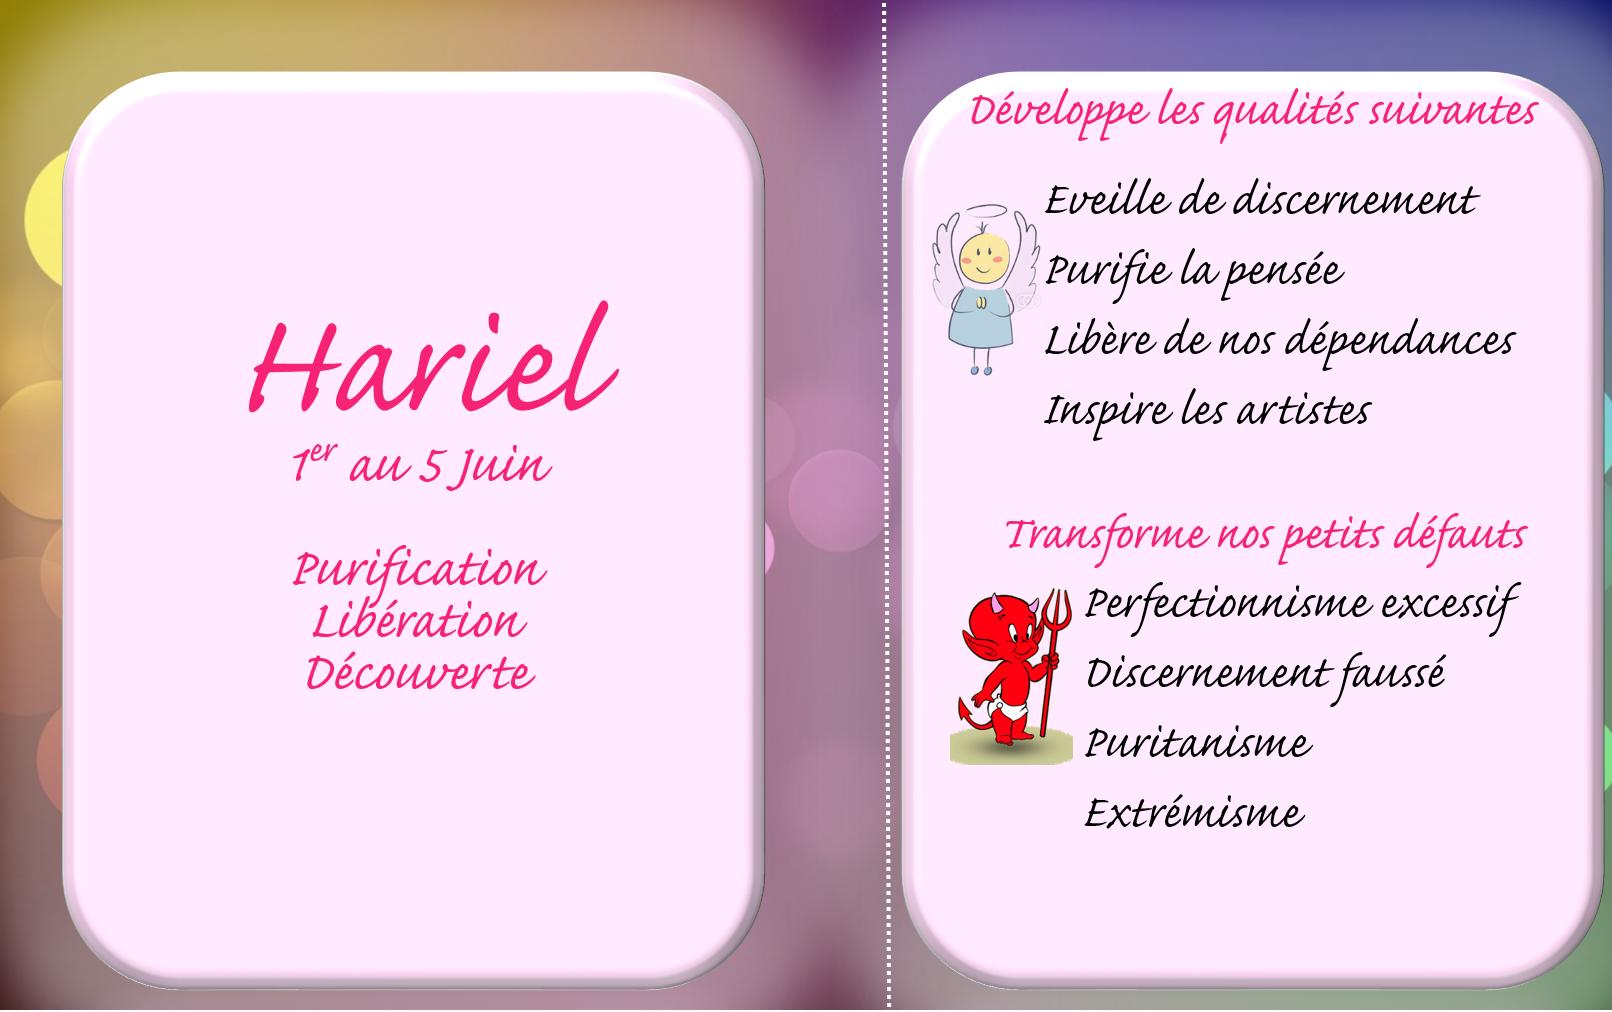 Hariel